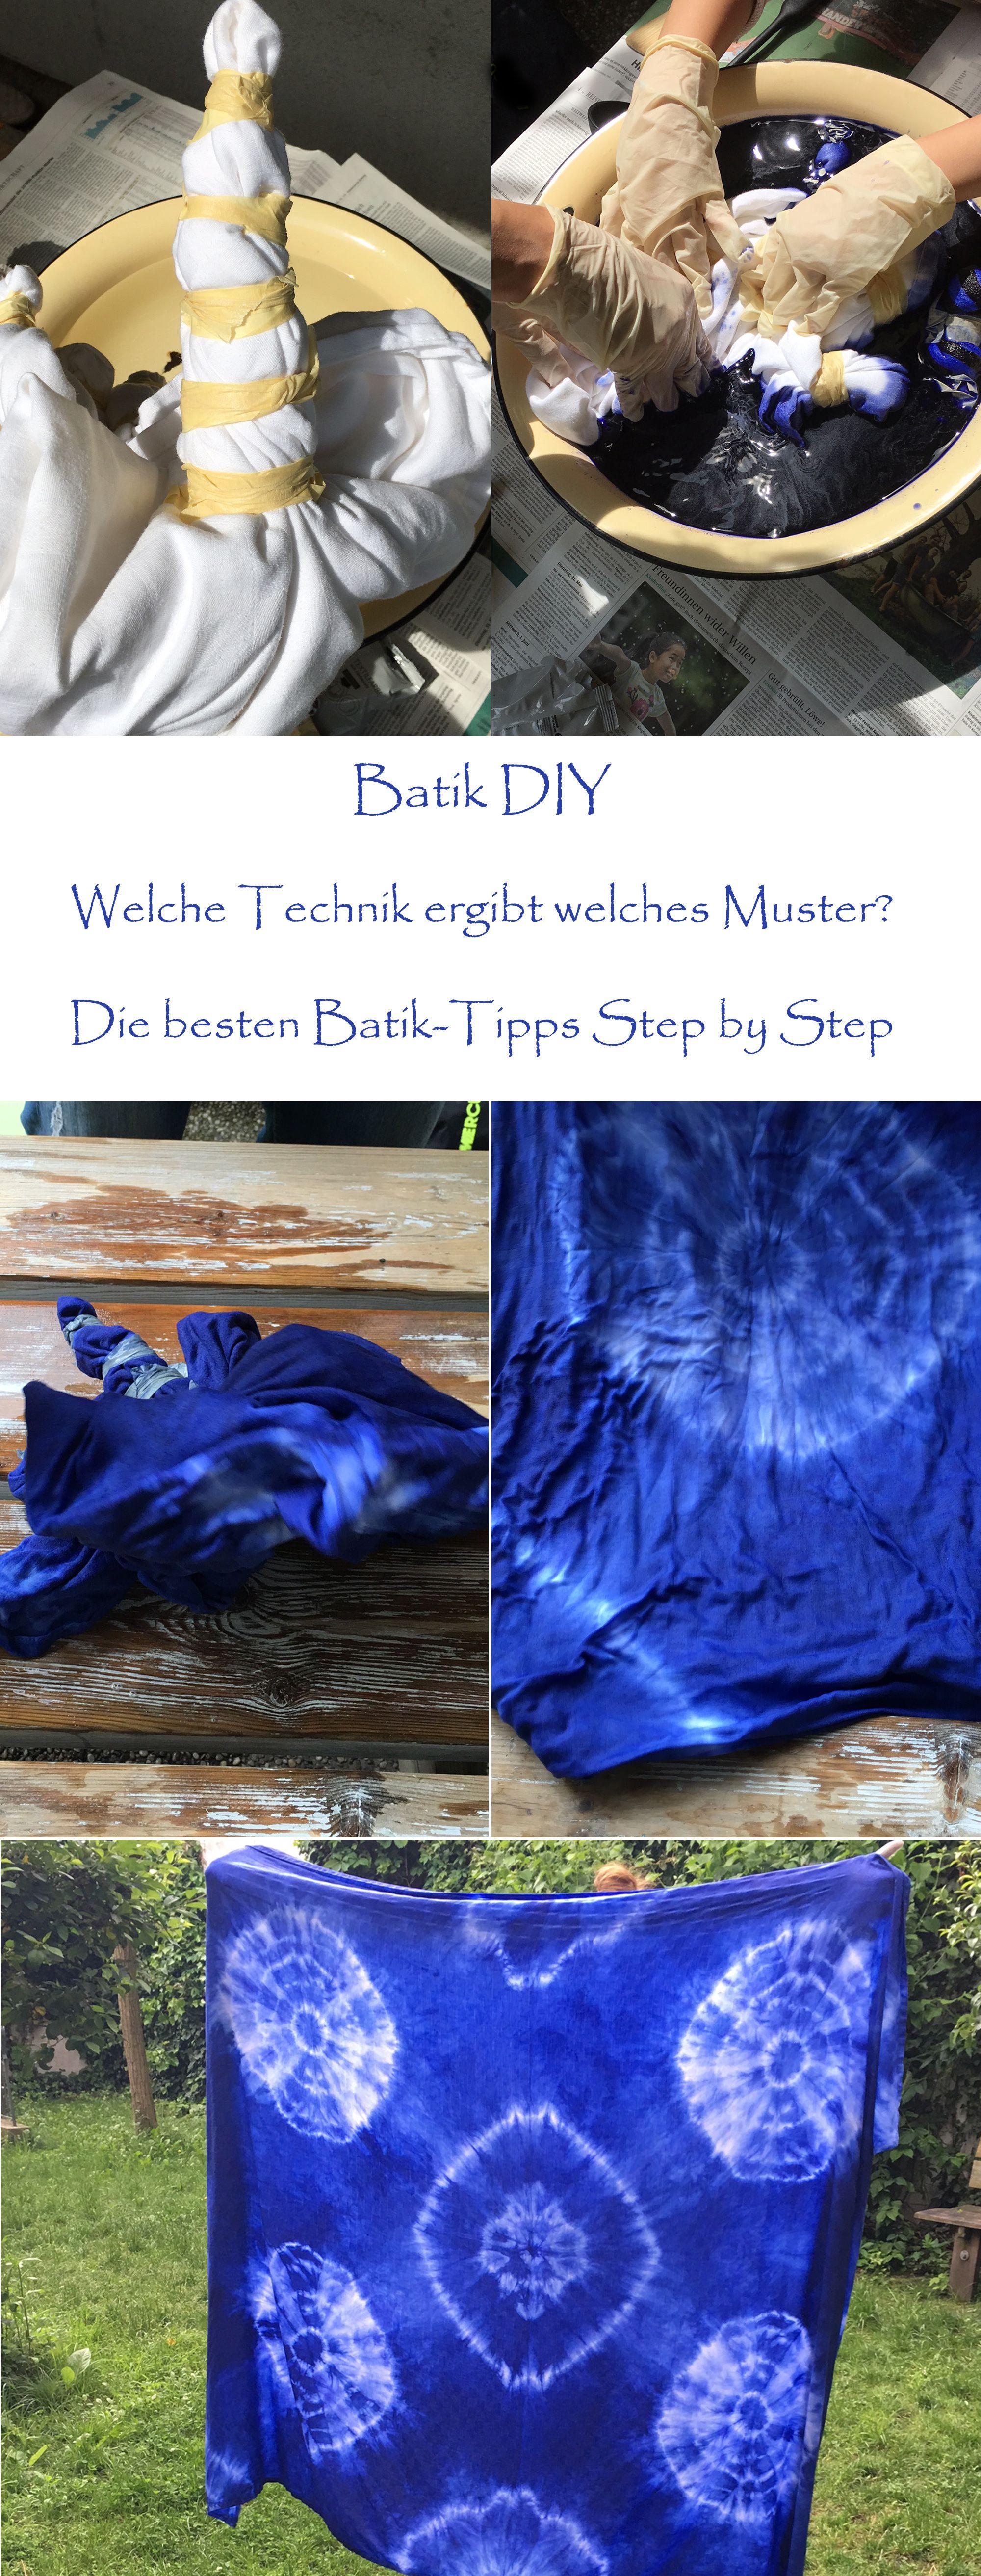 batik so einfach geht batiken selbermachen step by step anleitung und vor allem - Batiken Muster